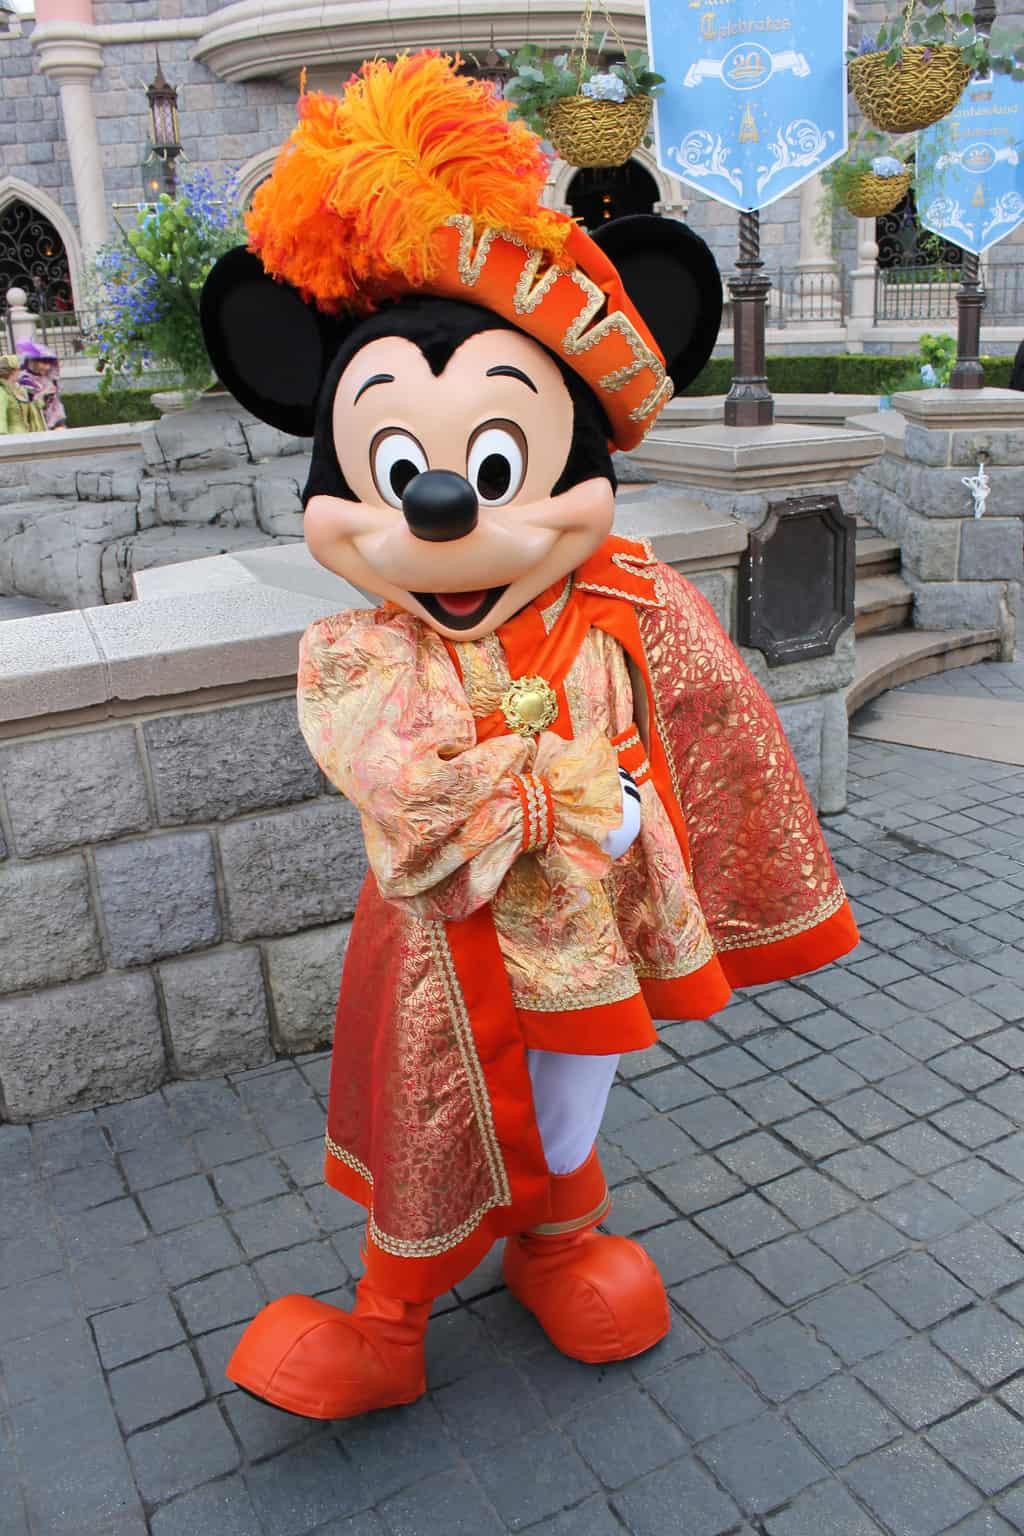 Prince Mickey Mouse Disneyland Paris | KennythePirate.com